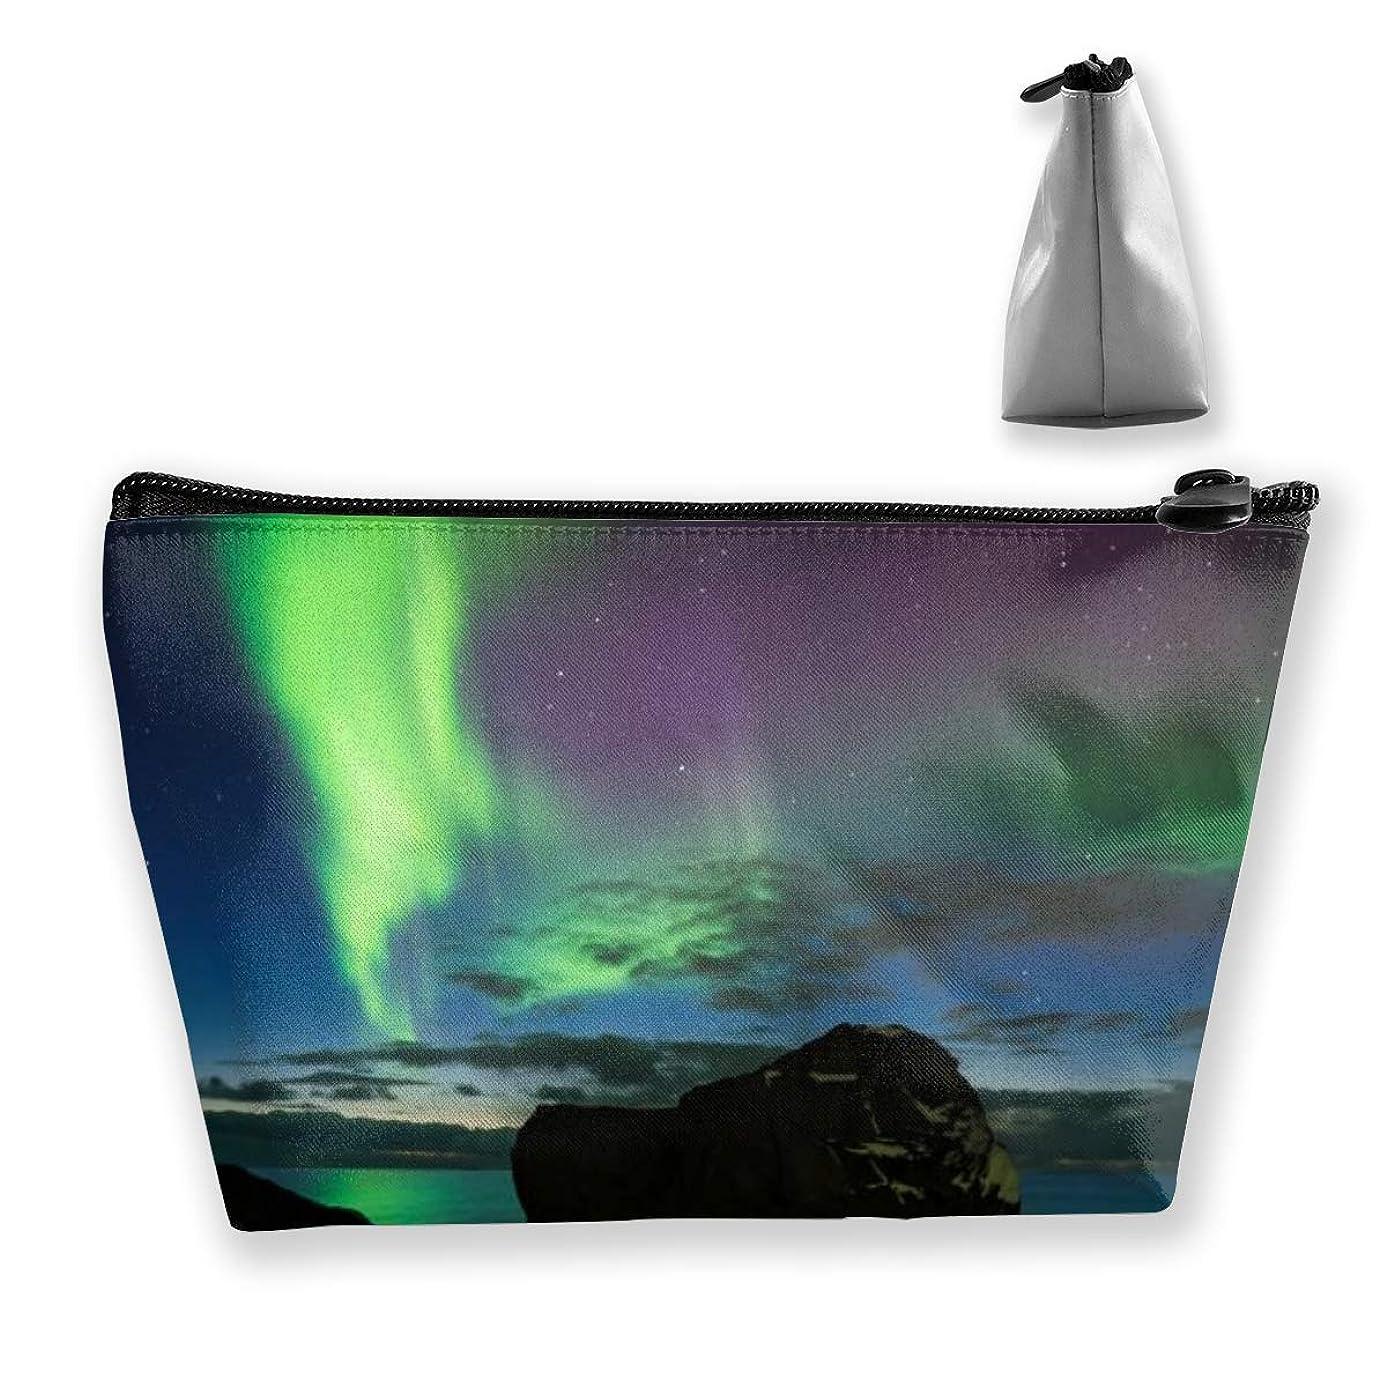 同一性サリー除外するSzsgqkj ノルウェーの岩のビーチのオーロラ 化粧品袋の携帯用旅行構造の袋の洗面用品の主催者